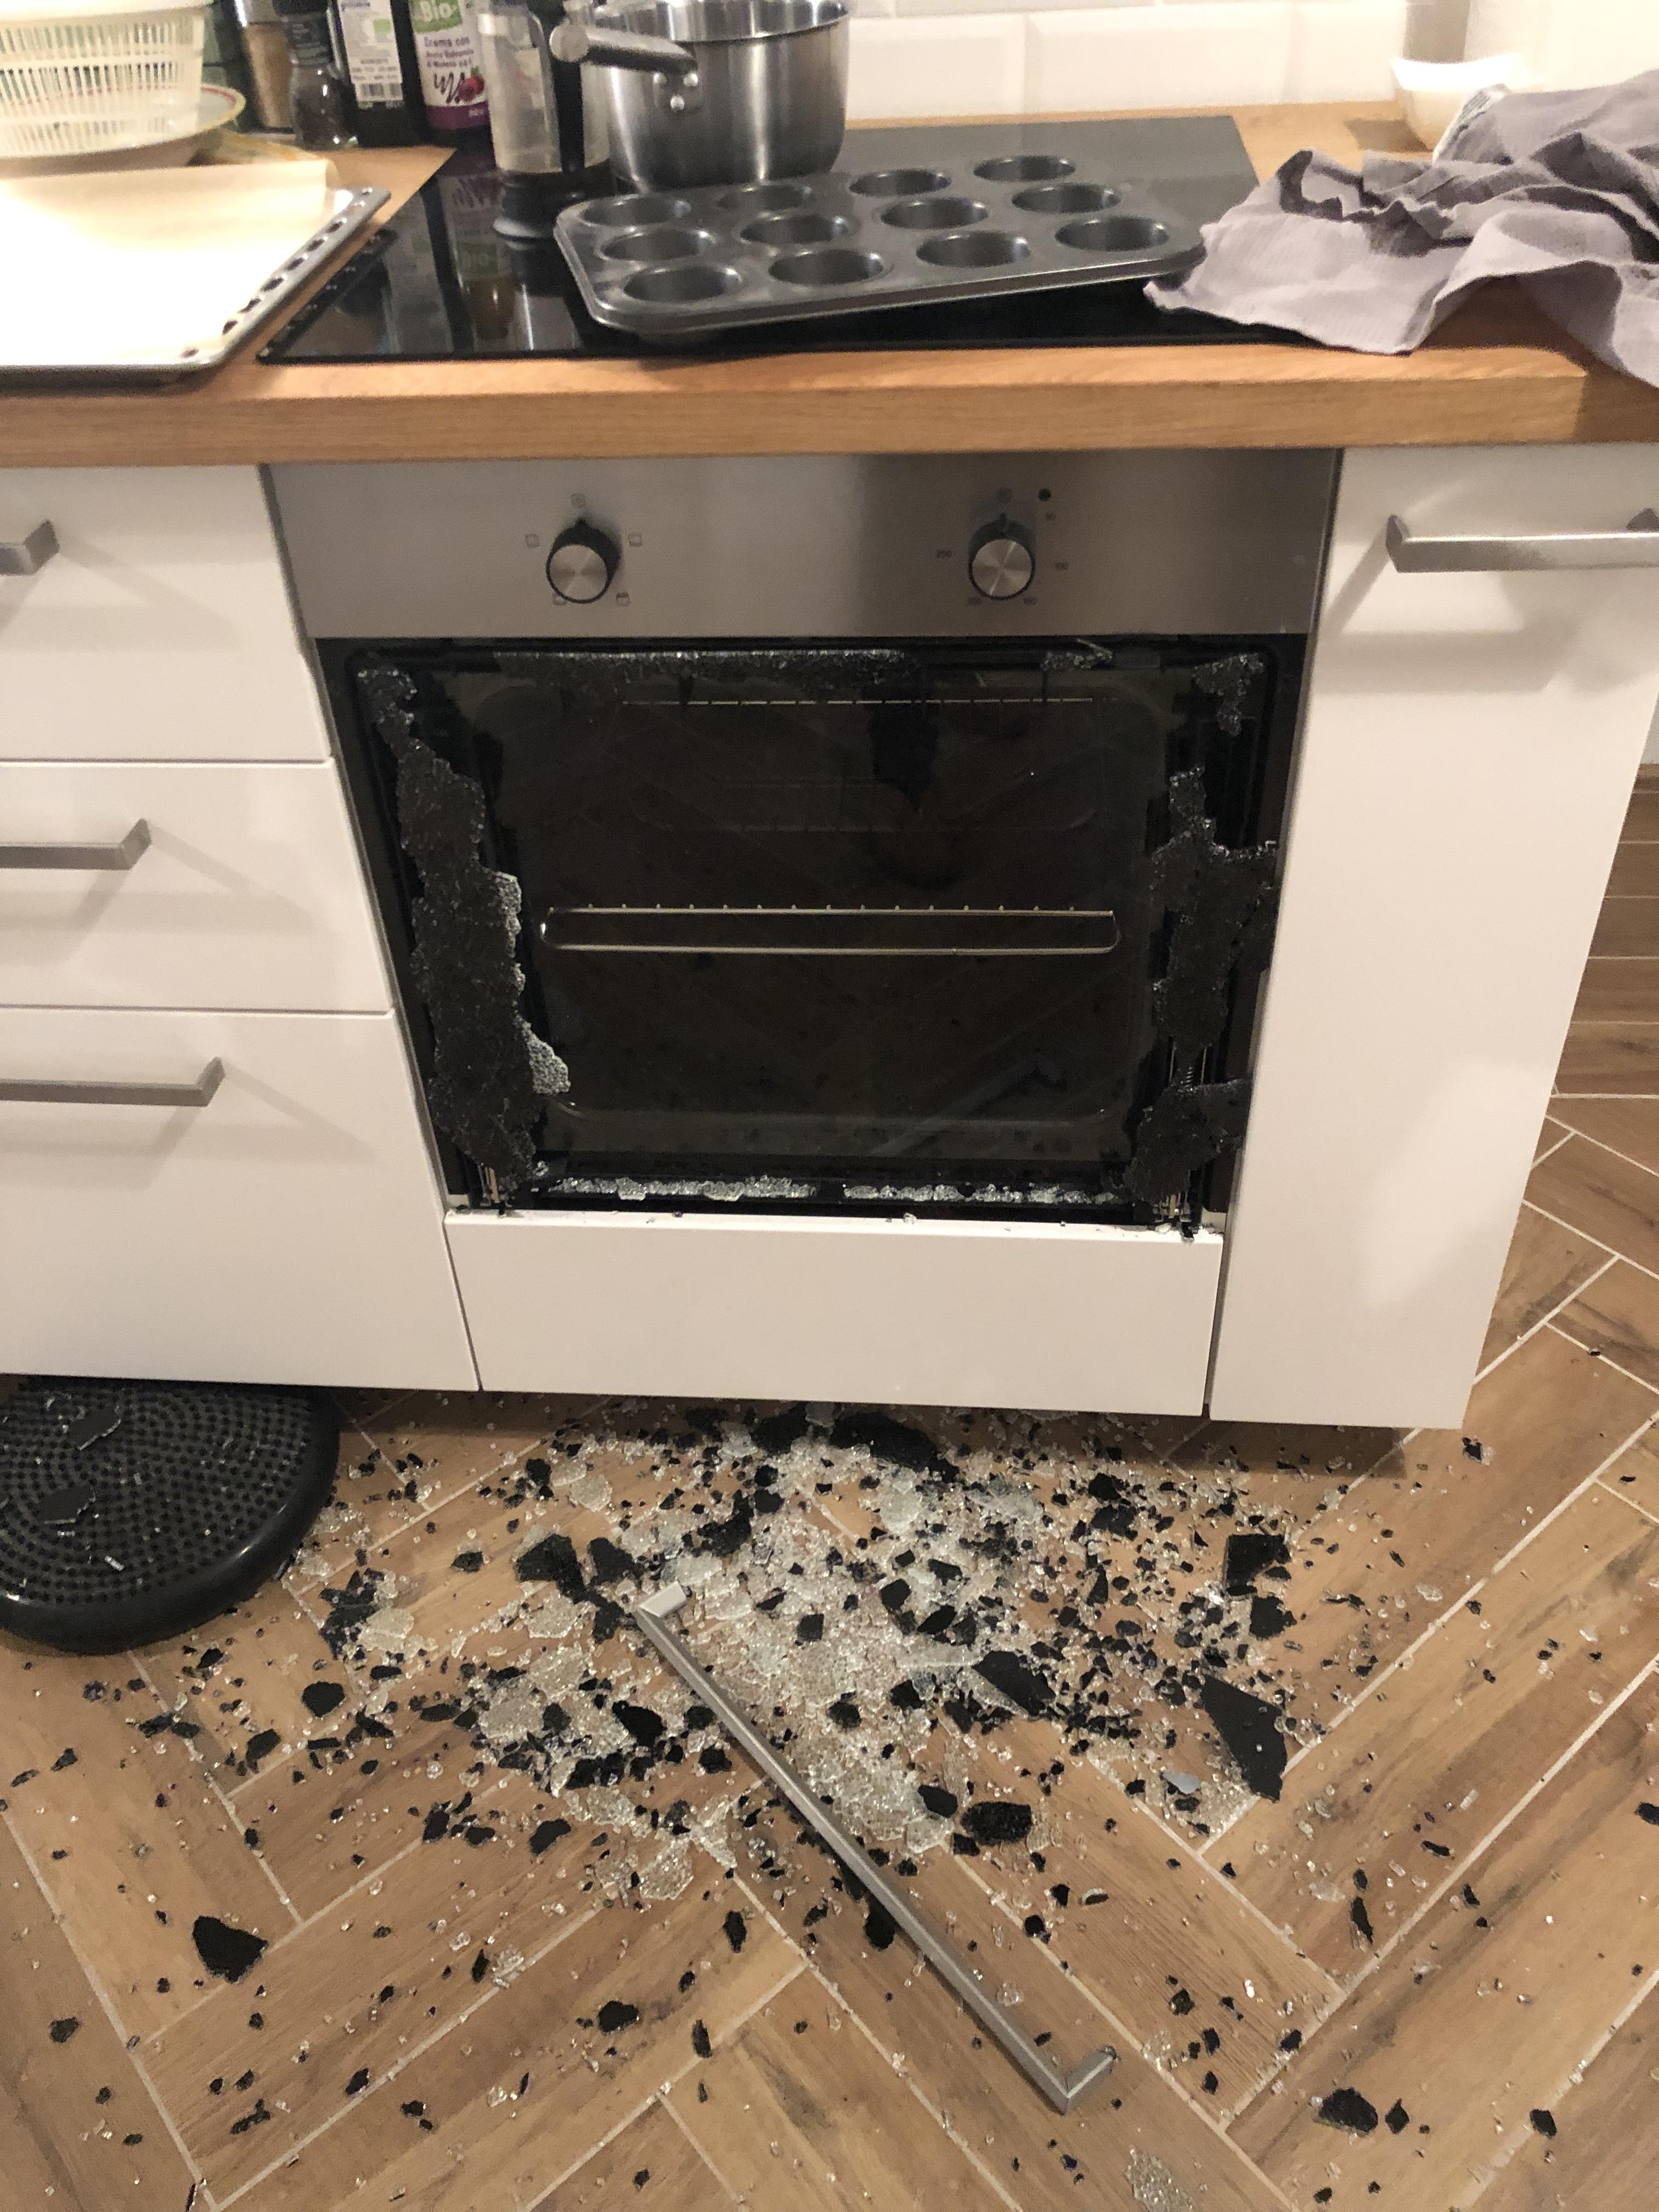 Felrobbant a frissen vásárolt sütője üvege, mire az Electrolux közölte, hogy az ő sütőjük egyszerűen nem képes elromlani, ezért csakis ő lehet a hibás